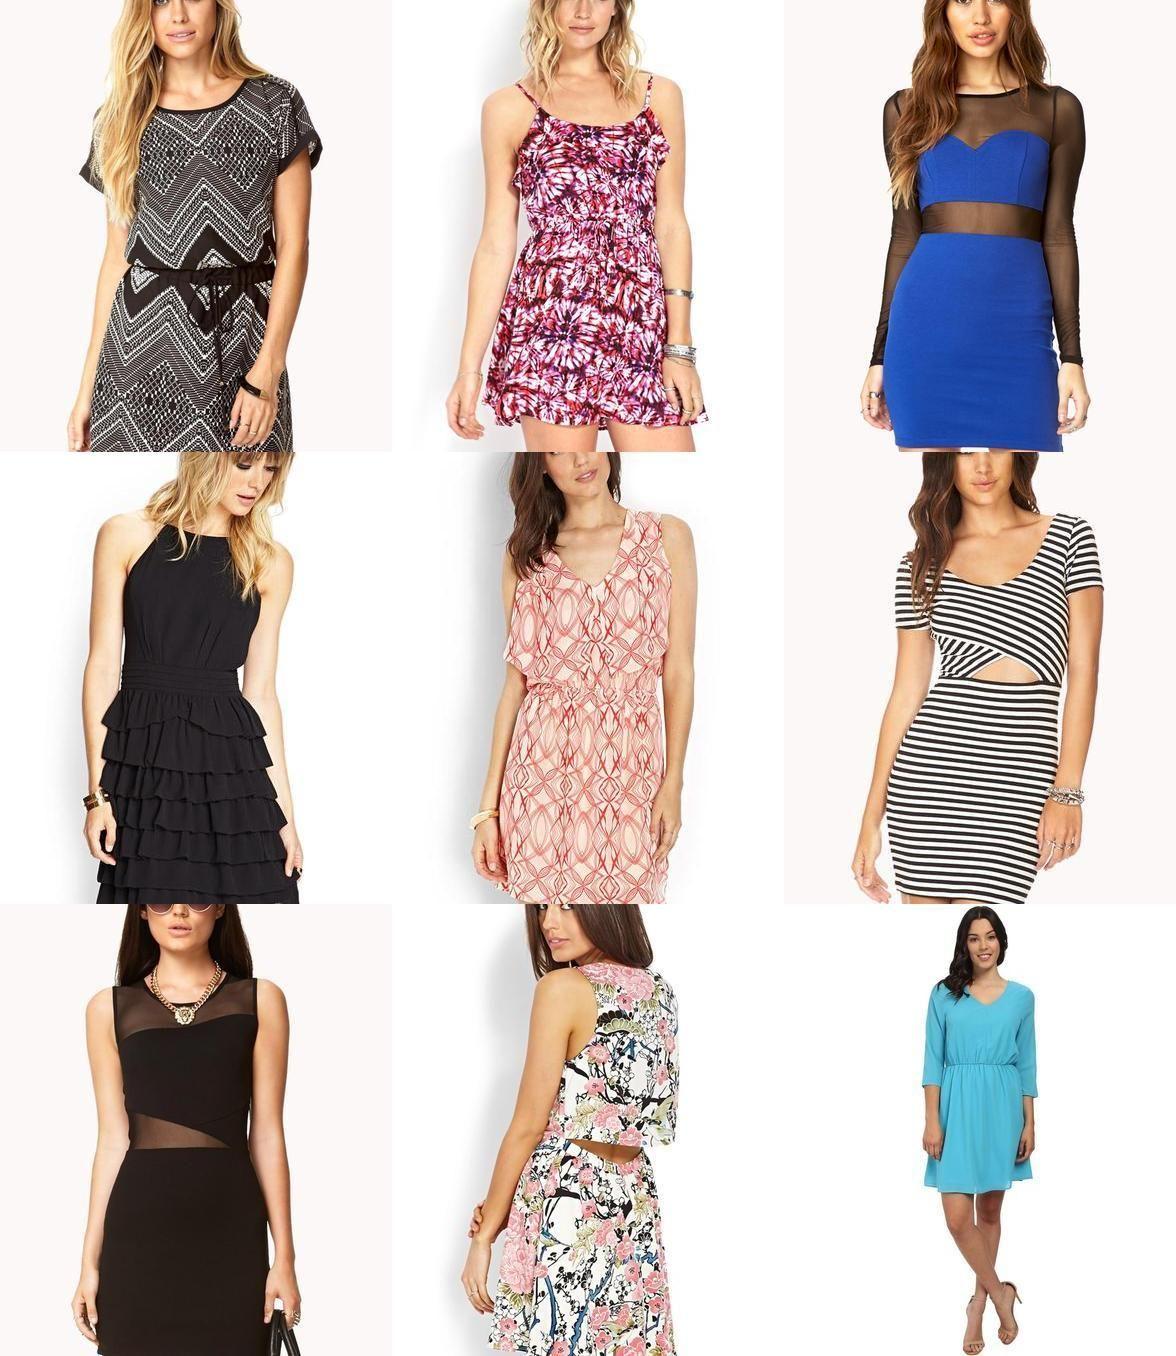 Maria's Dresses http://picvpic.com/collections/dresses-09c5163b-2431-4e10-a7c9-324ca7064b17?ref=TZCgBp